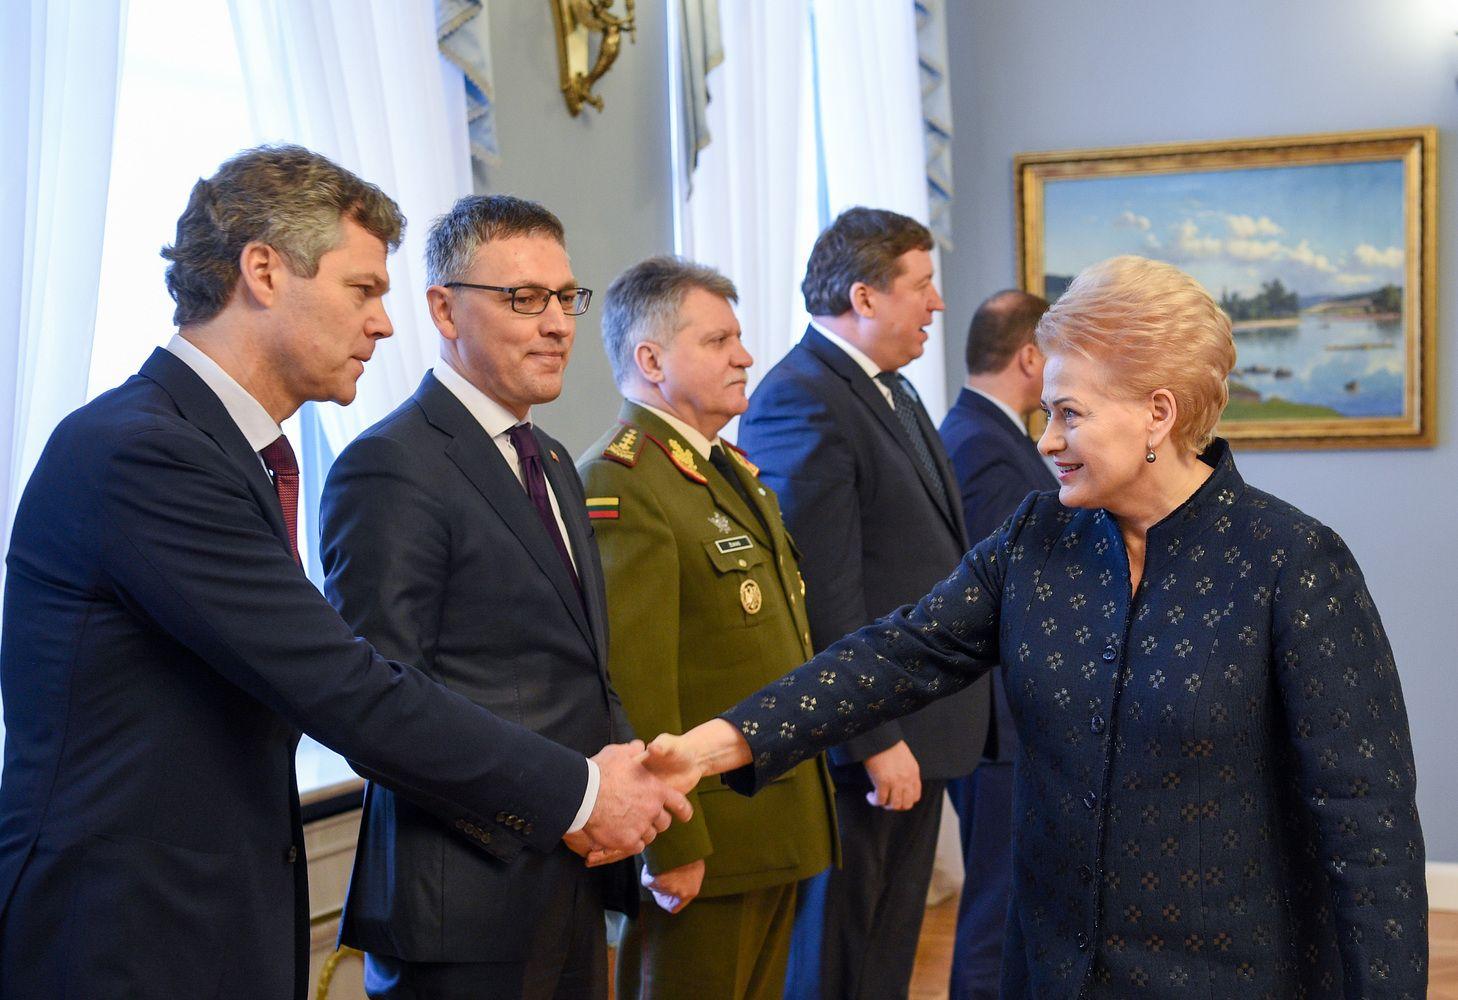 Žvalgyba: nėra reikšmingo kišimosi į politinius procesus Lietuvoje